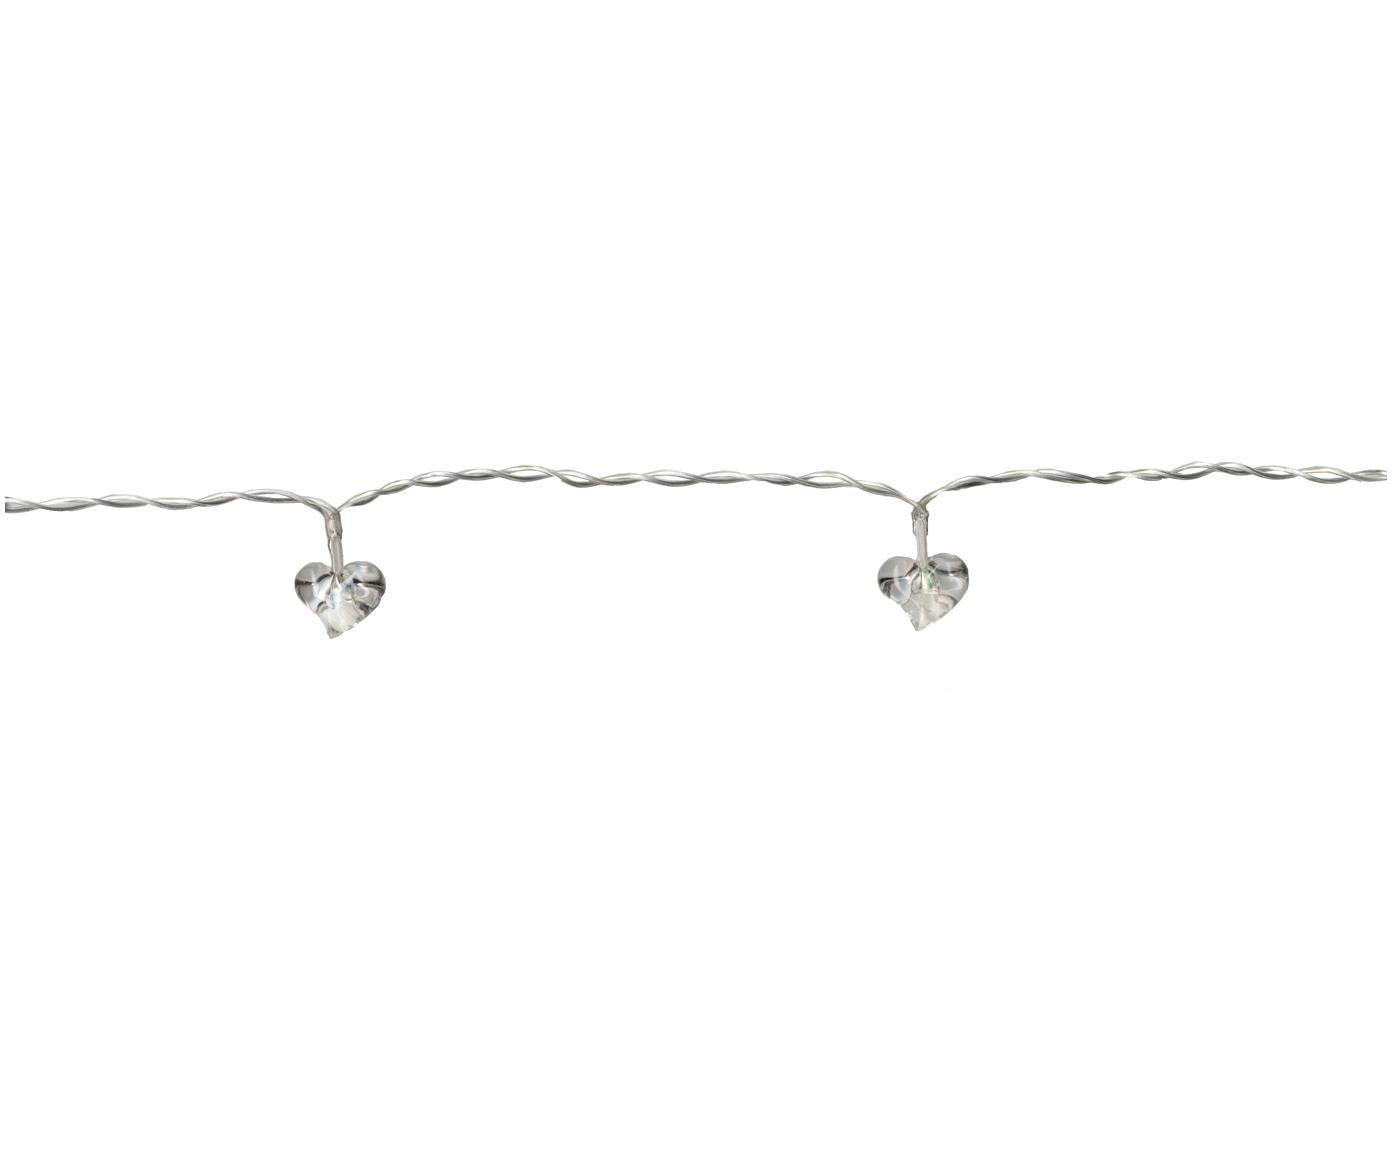 Guirnalda de luces LED Heart, 135cm, Plástico, Transparente, L 135 cm